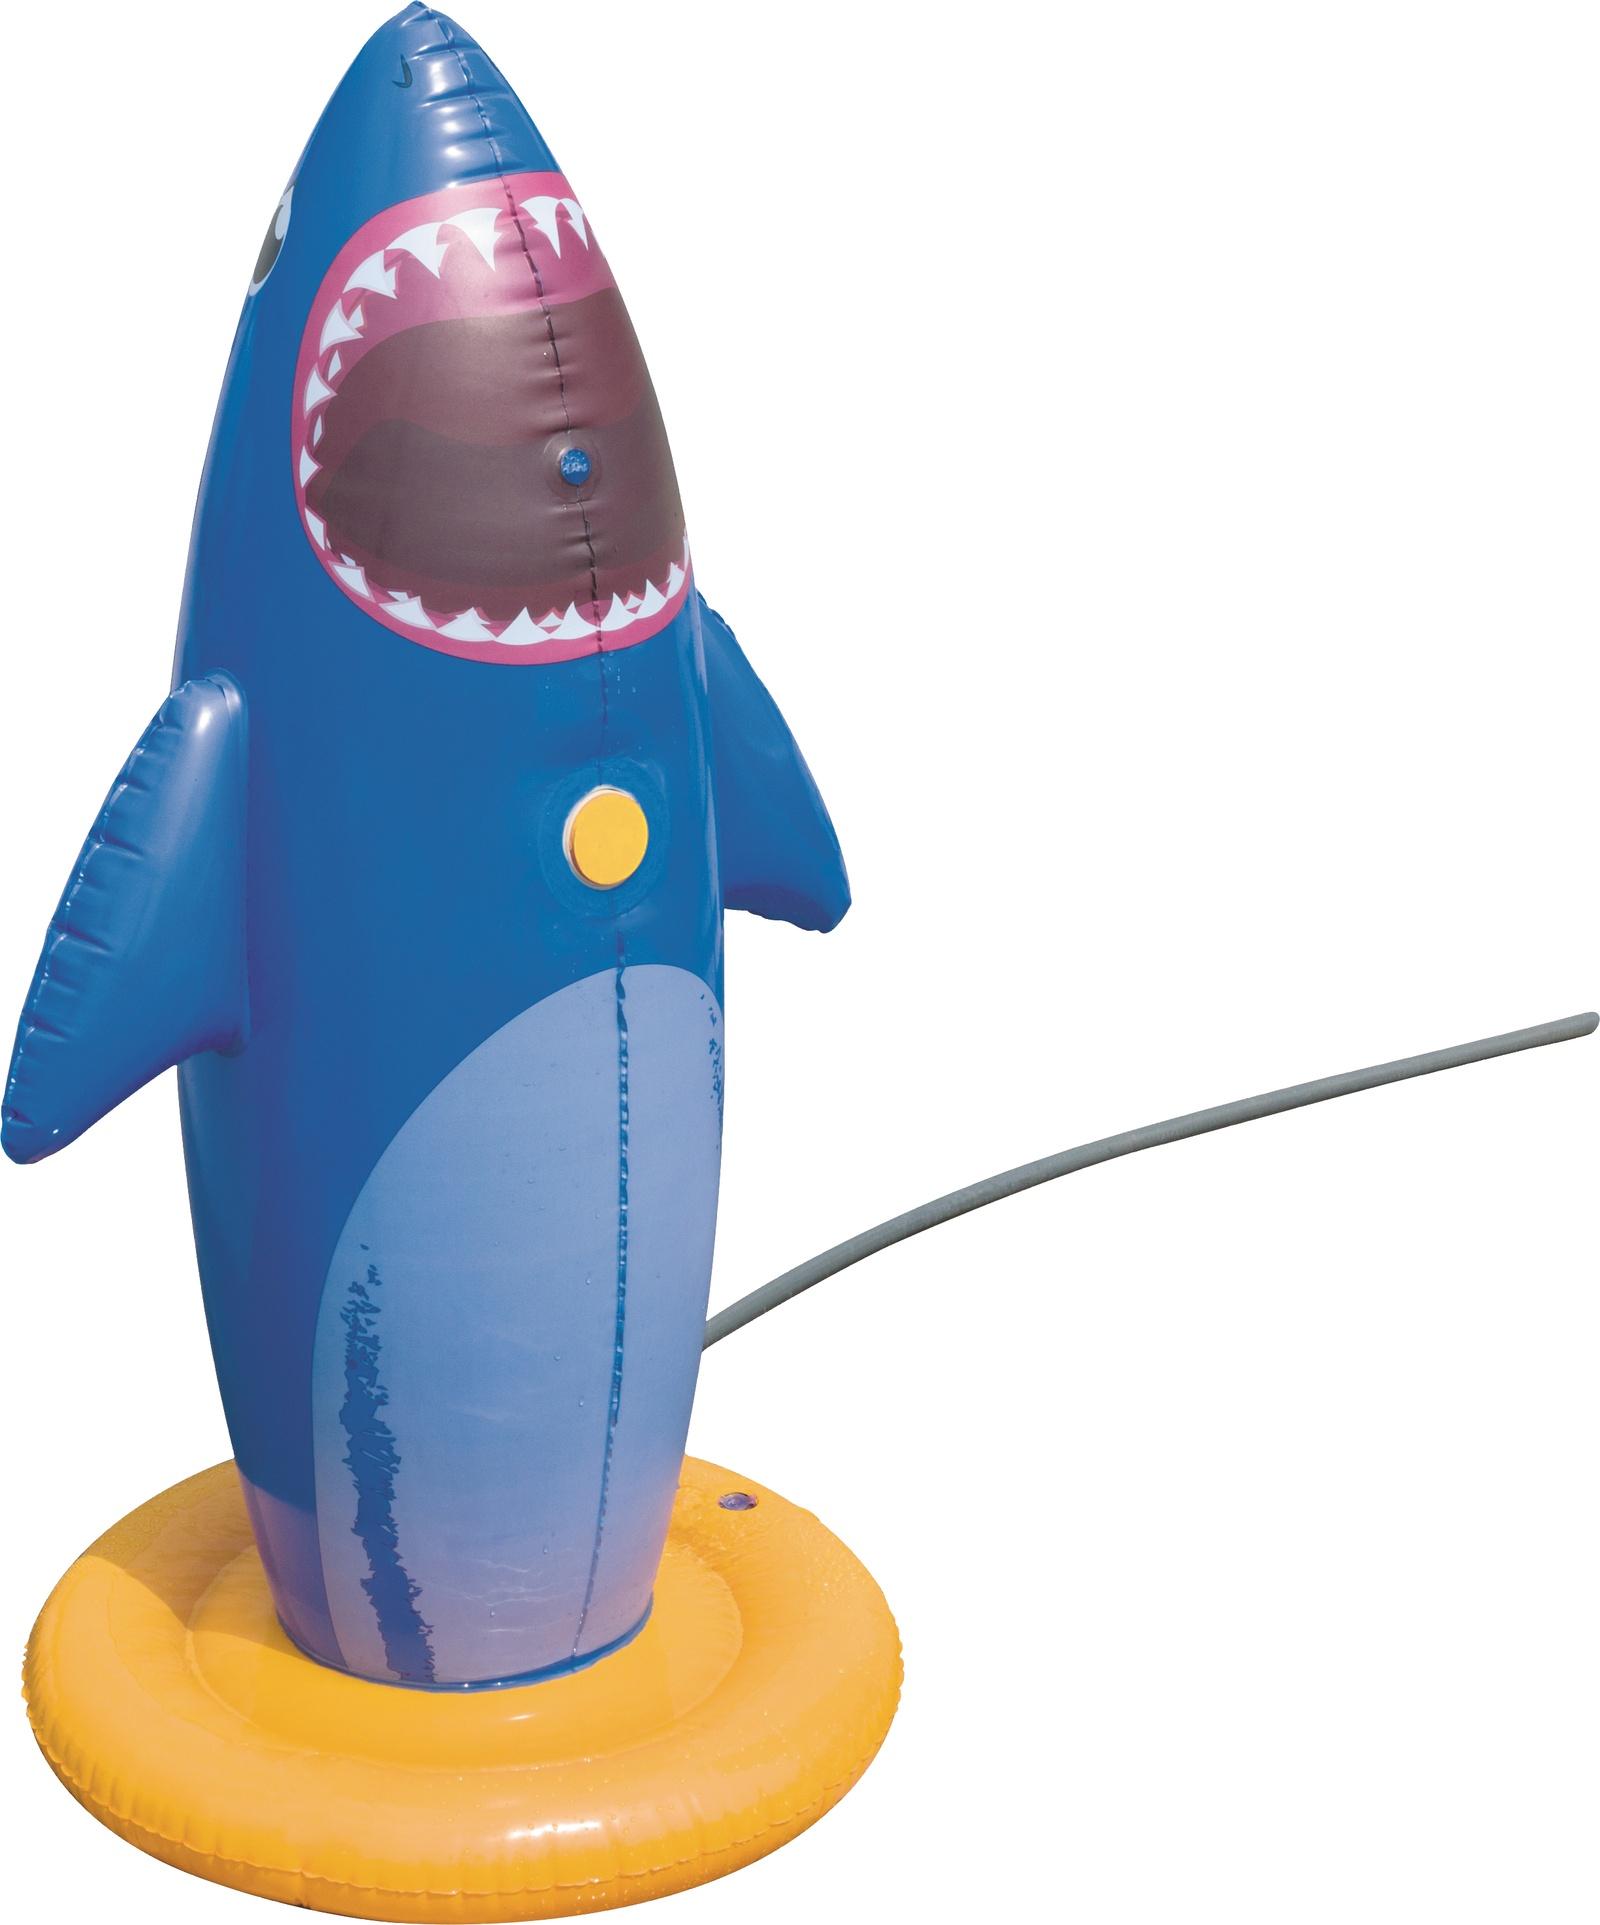 Игрушка - боксёрская груша с брызгалкой Акула 74*74*132 см, Bestway 52246